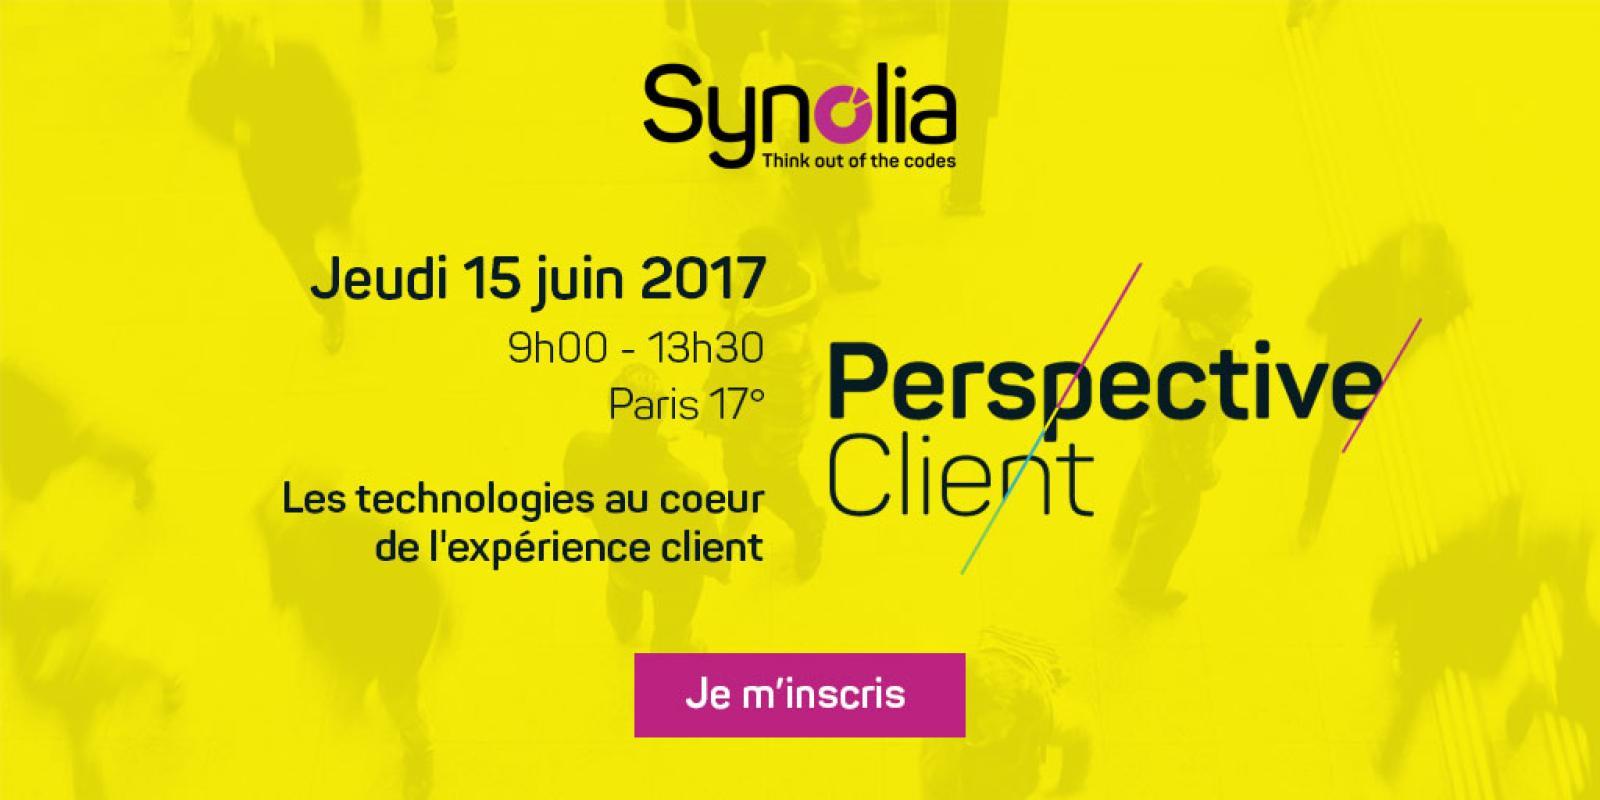 Perspective Client – Les technologies au cœur de l'expérience client